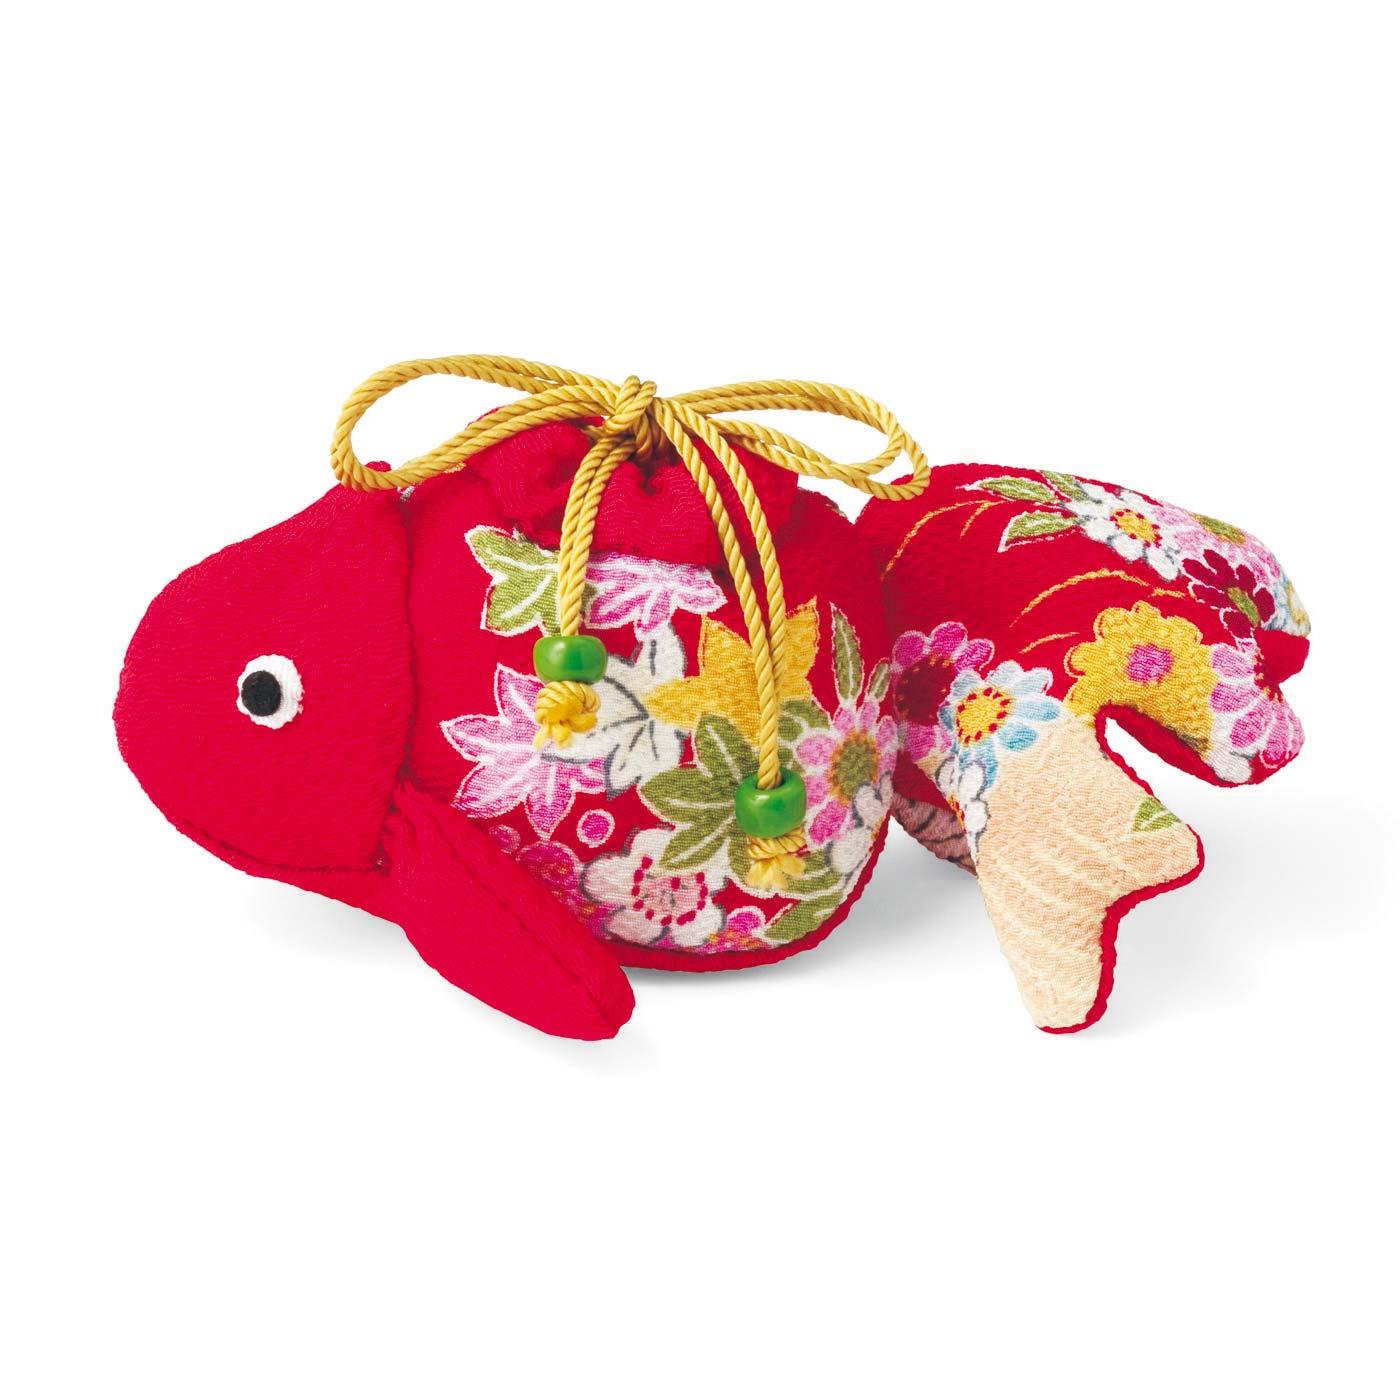 錦(にしき)色の金魚